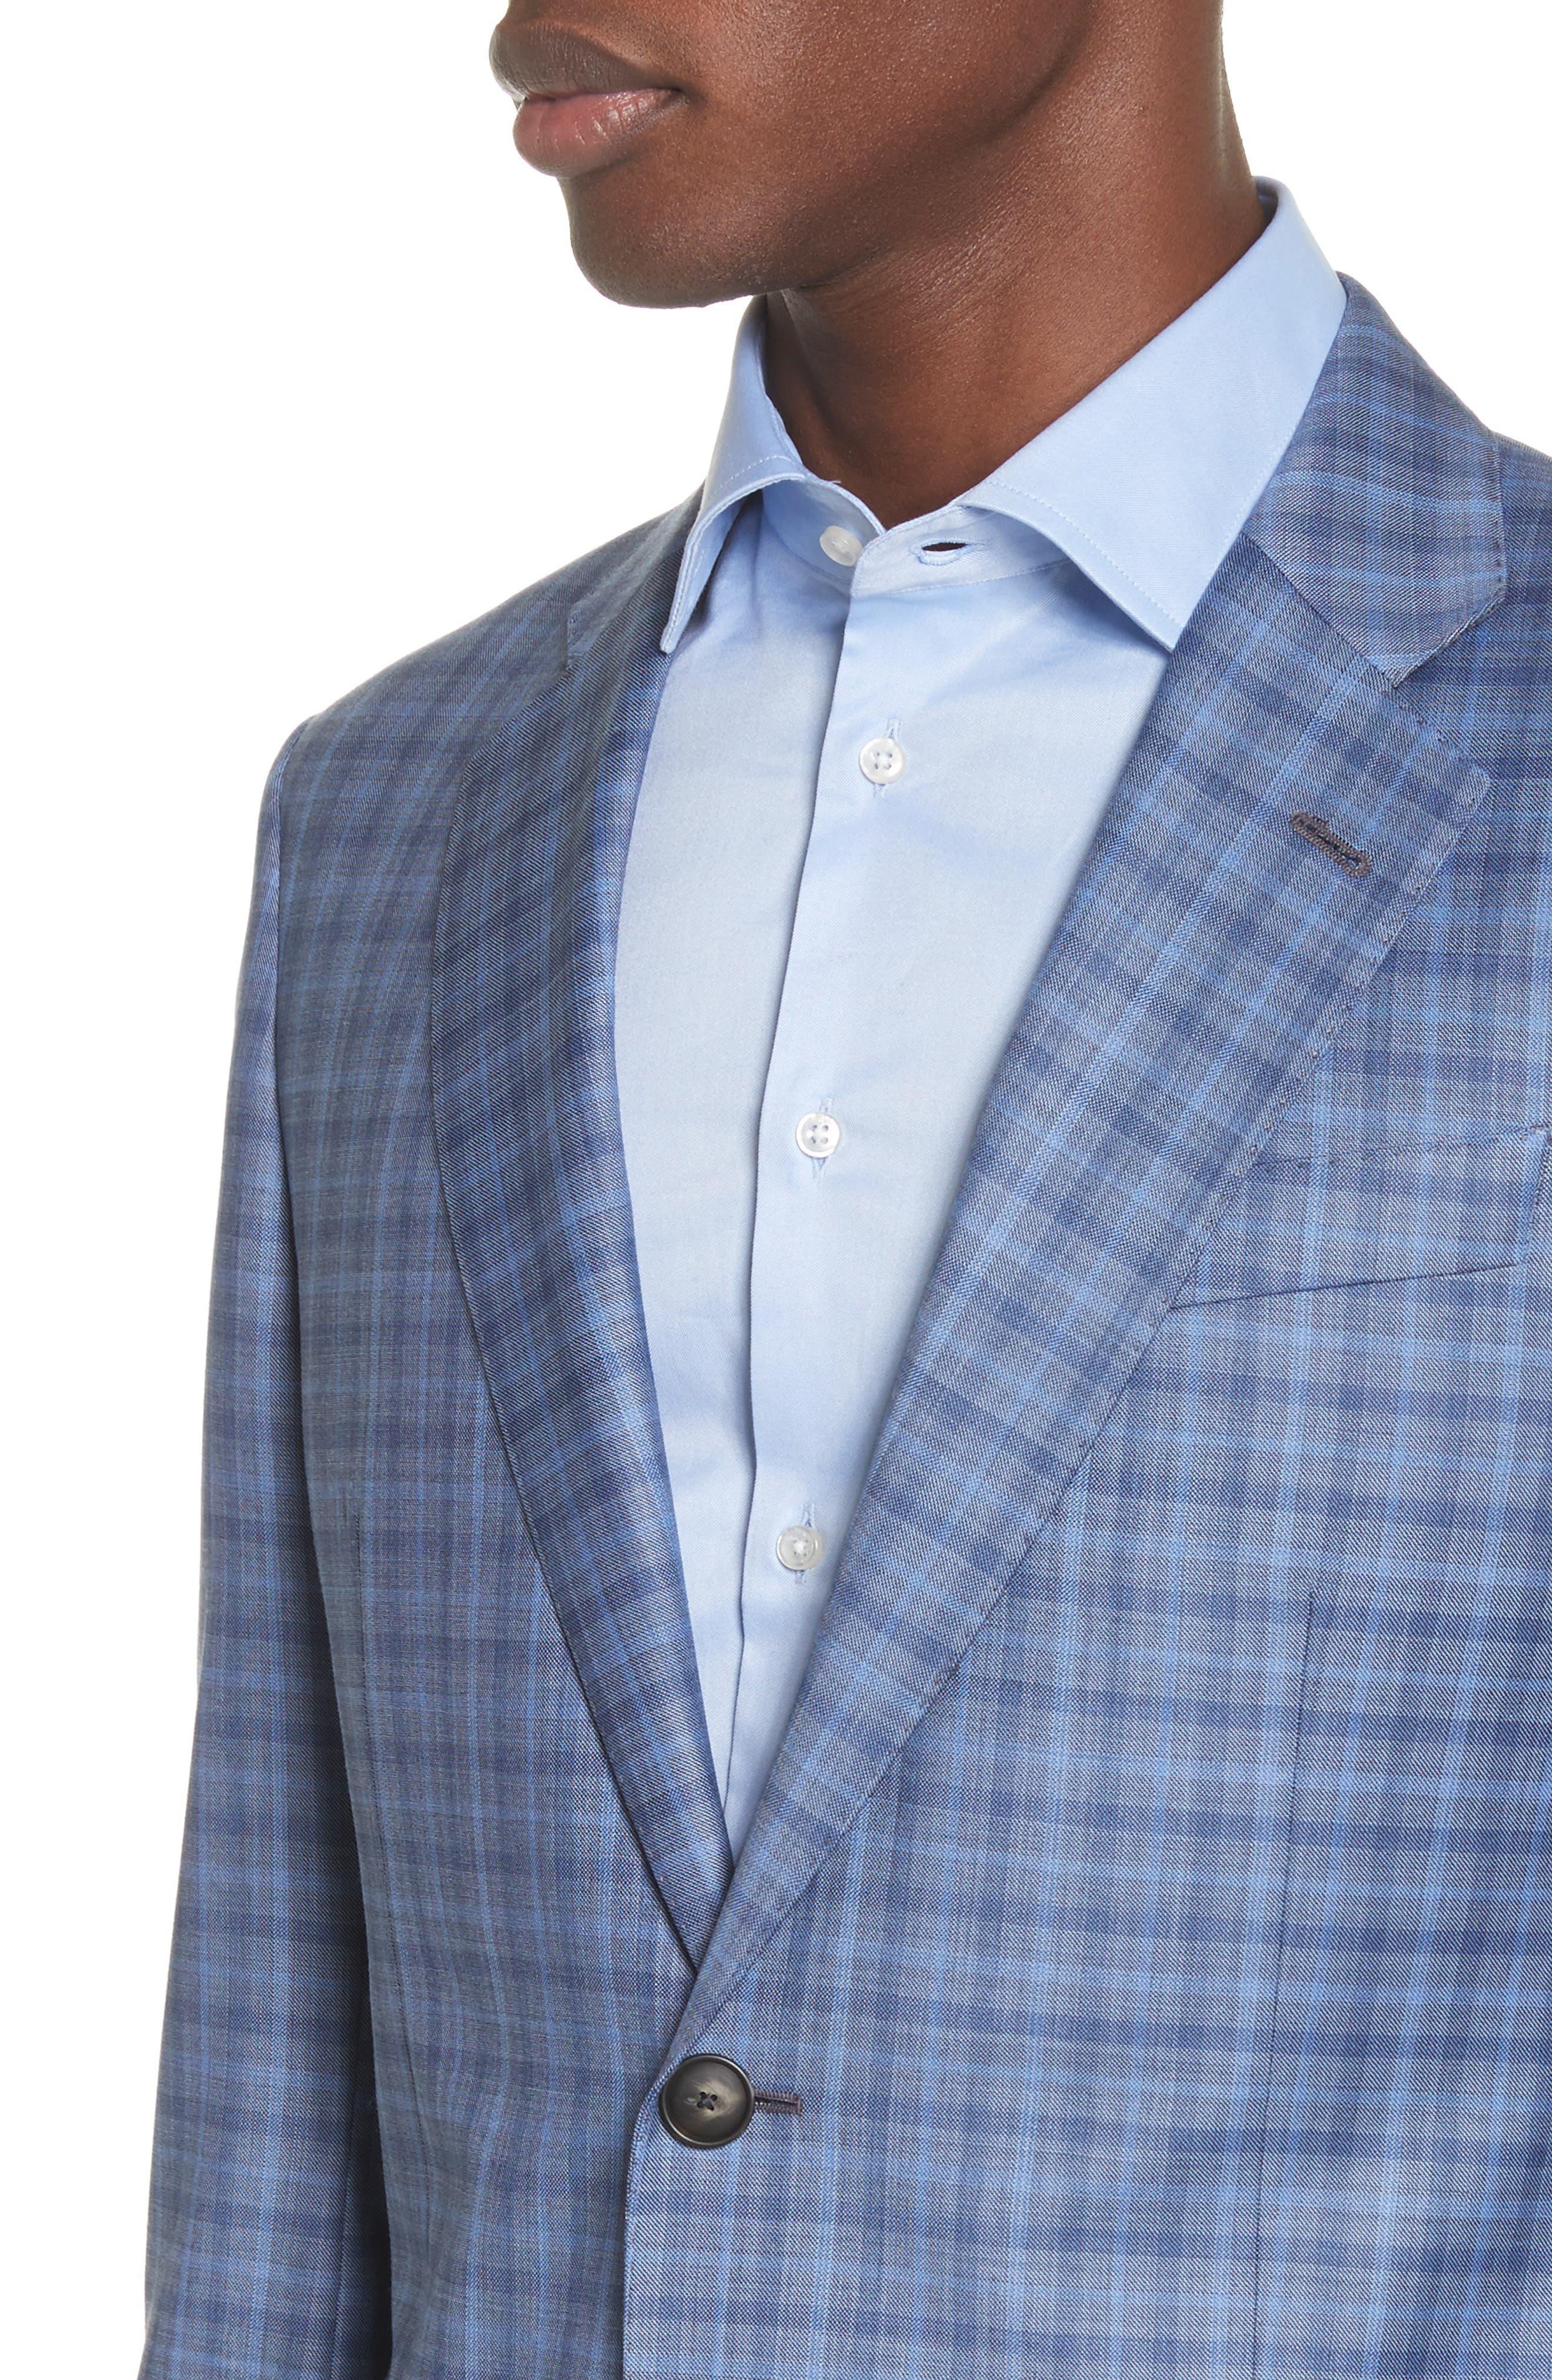 G Line Trim Fit Plaid Wool Sport Coat,                             Alternate thumbnail 4, color,                             443